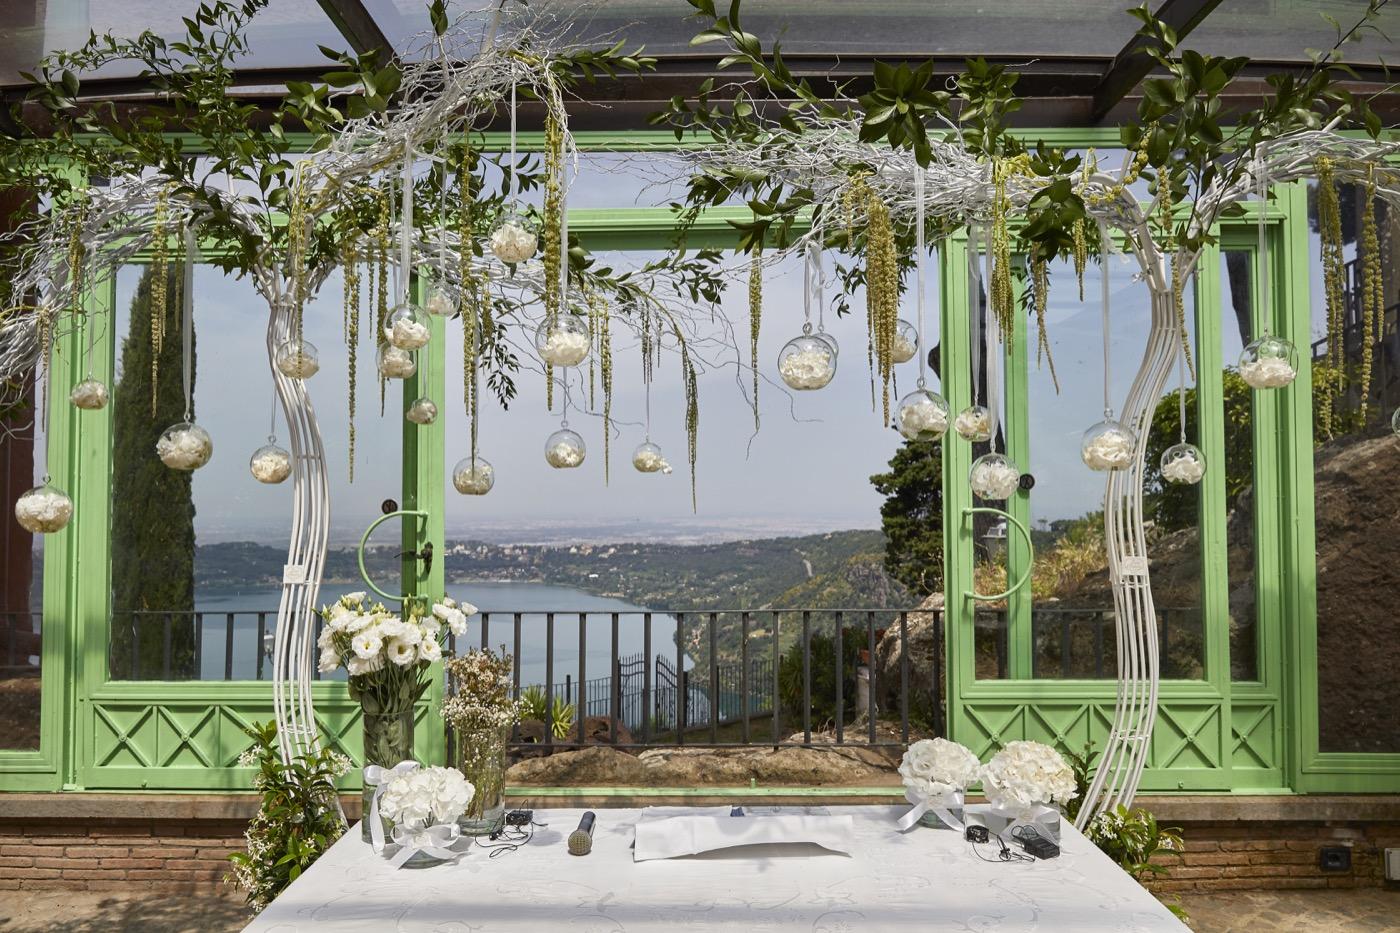 Claudio-Coppola-wedding-photographer-villa-del-cardinale-rocca-di-papa-castel-gandolfo-4